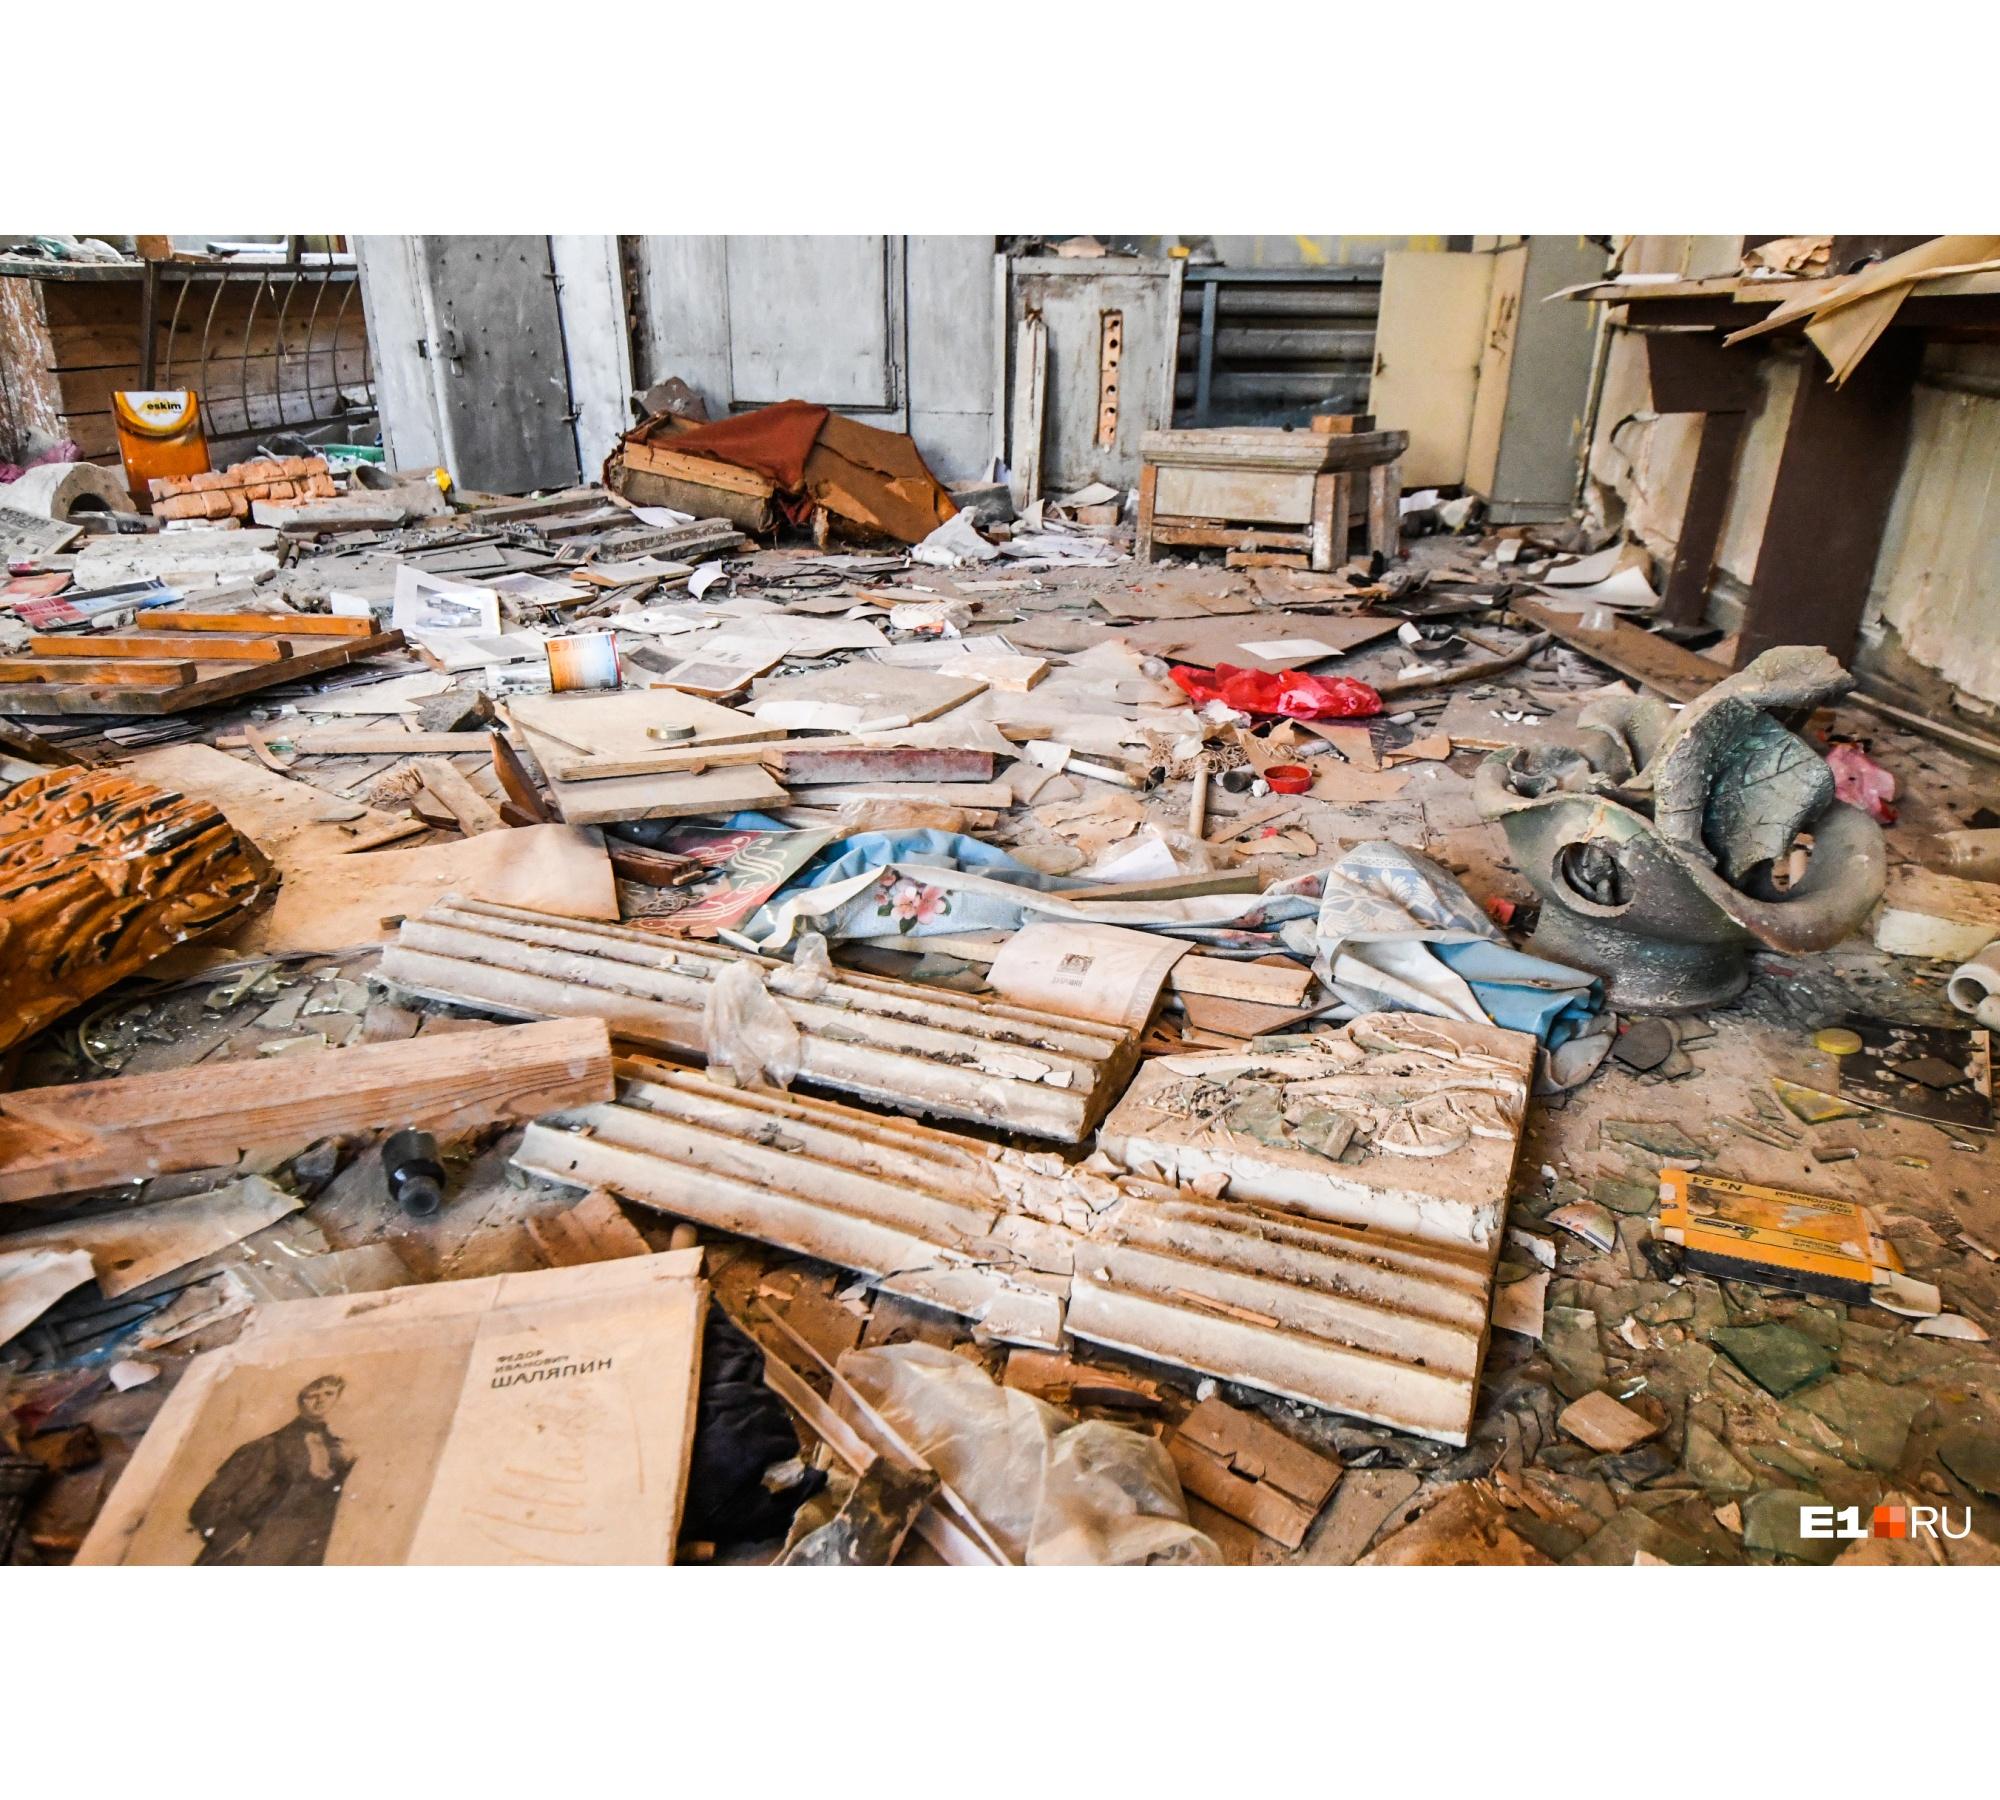 По полу разбросаны остатки художественных материалов, книг и фотографий